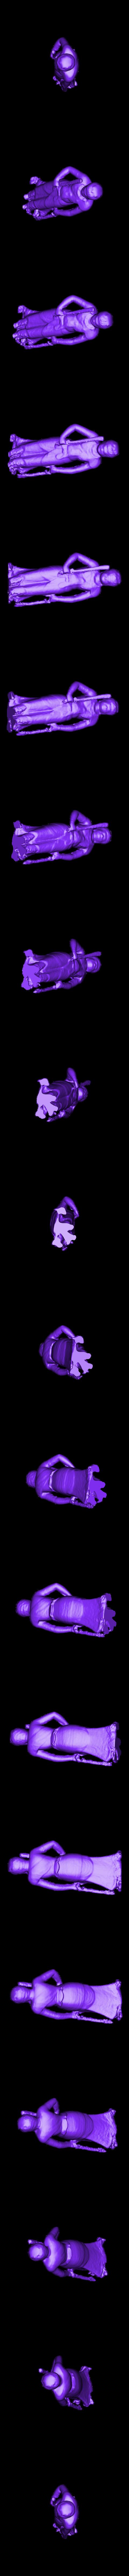 fudo_myoo.obj Télécharger fichier OBJ gratuit Fud My (Achala-vidyrja) • Design imprimable en 3D, metmuseum